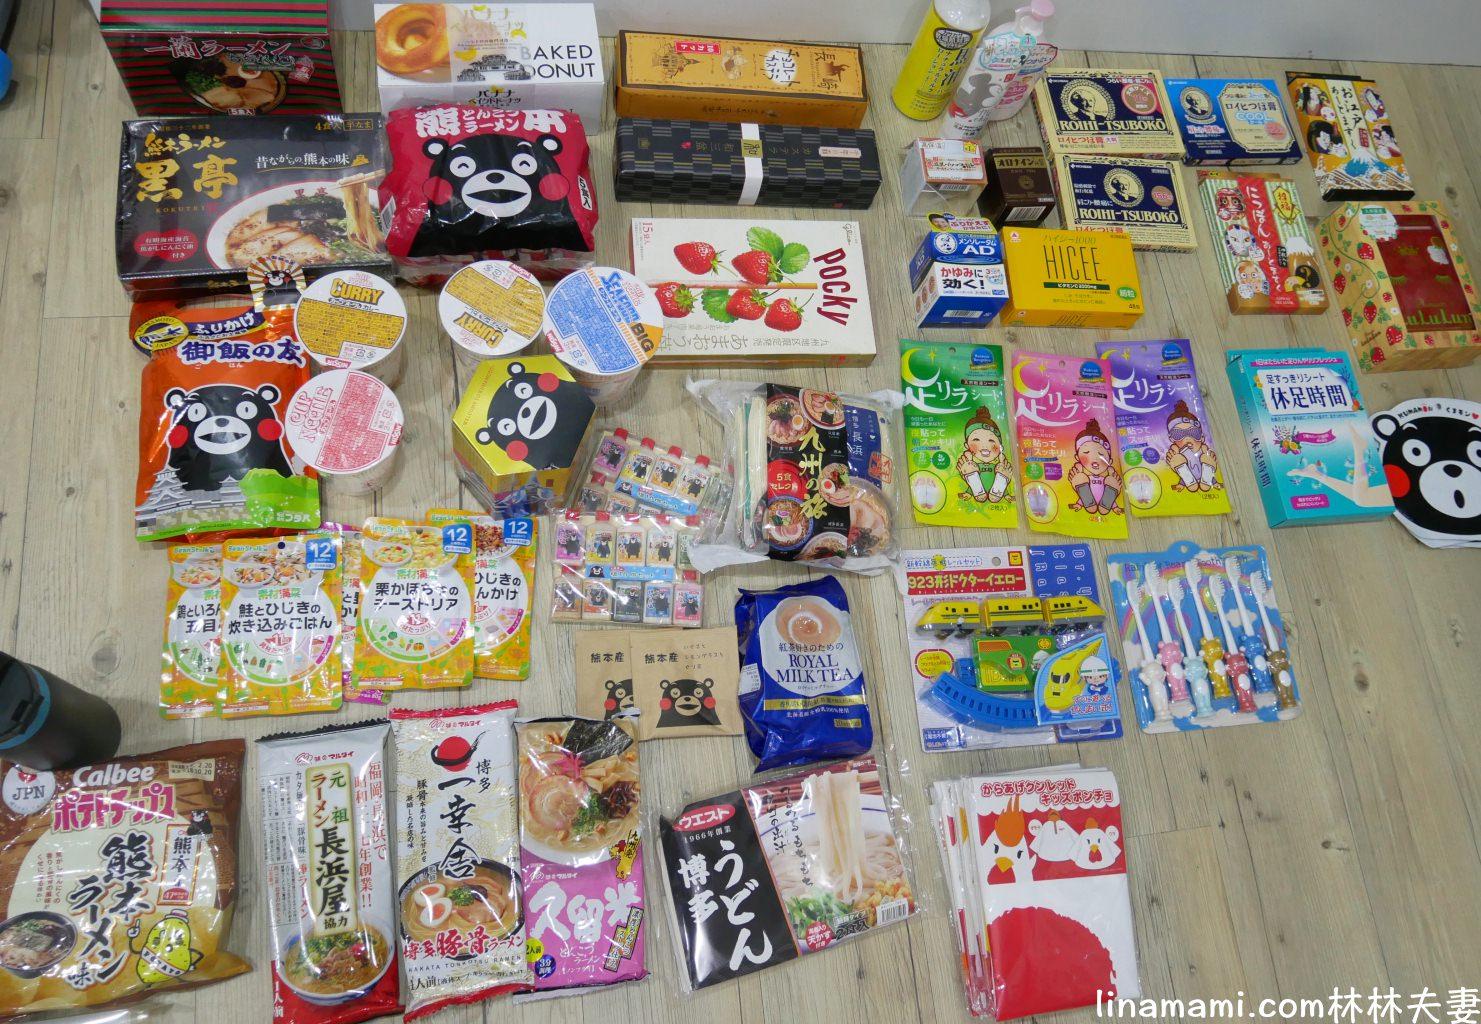 [好物]日本九州戰利品大公開 好吃好玩好好買看這裡